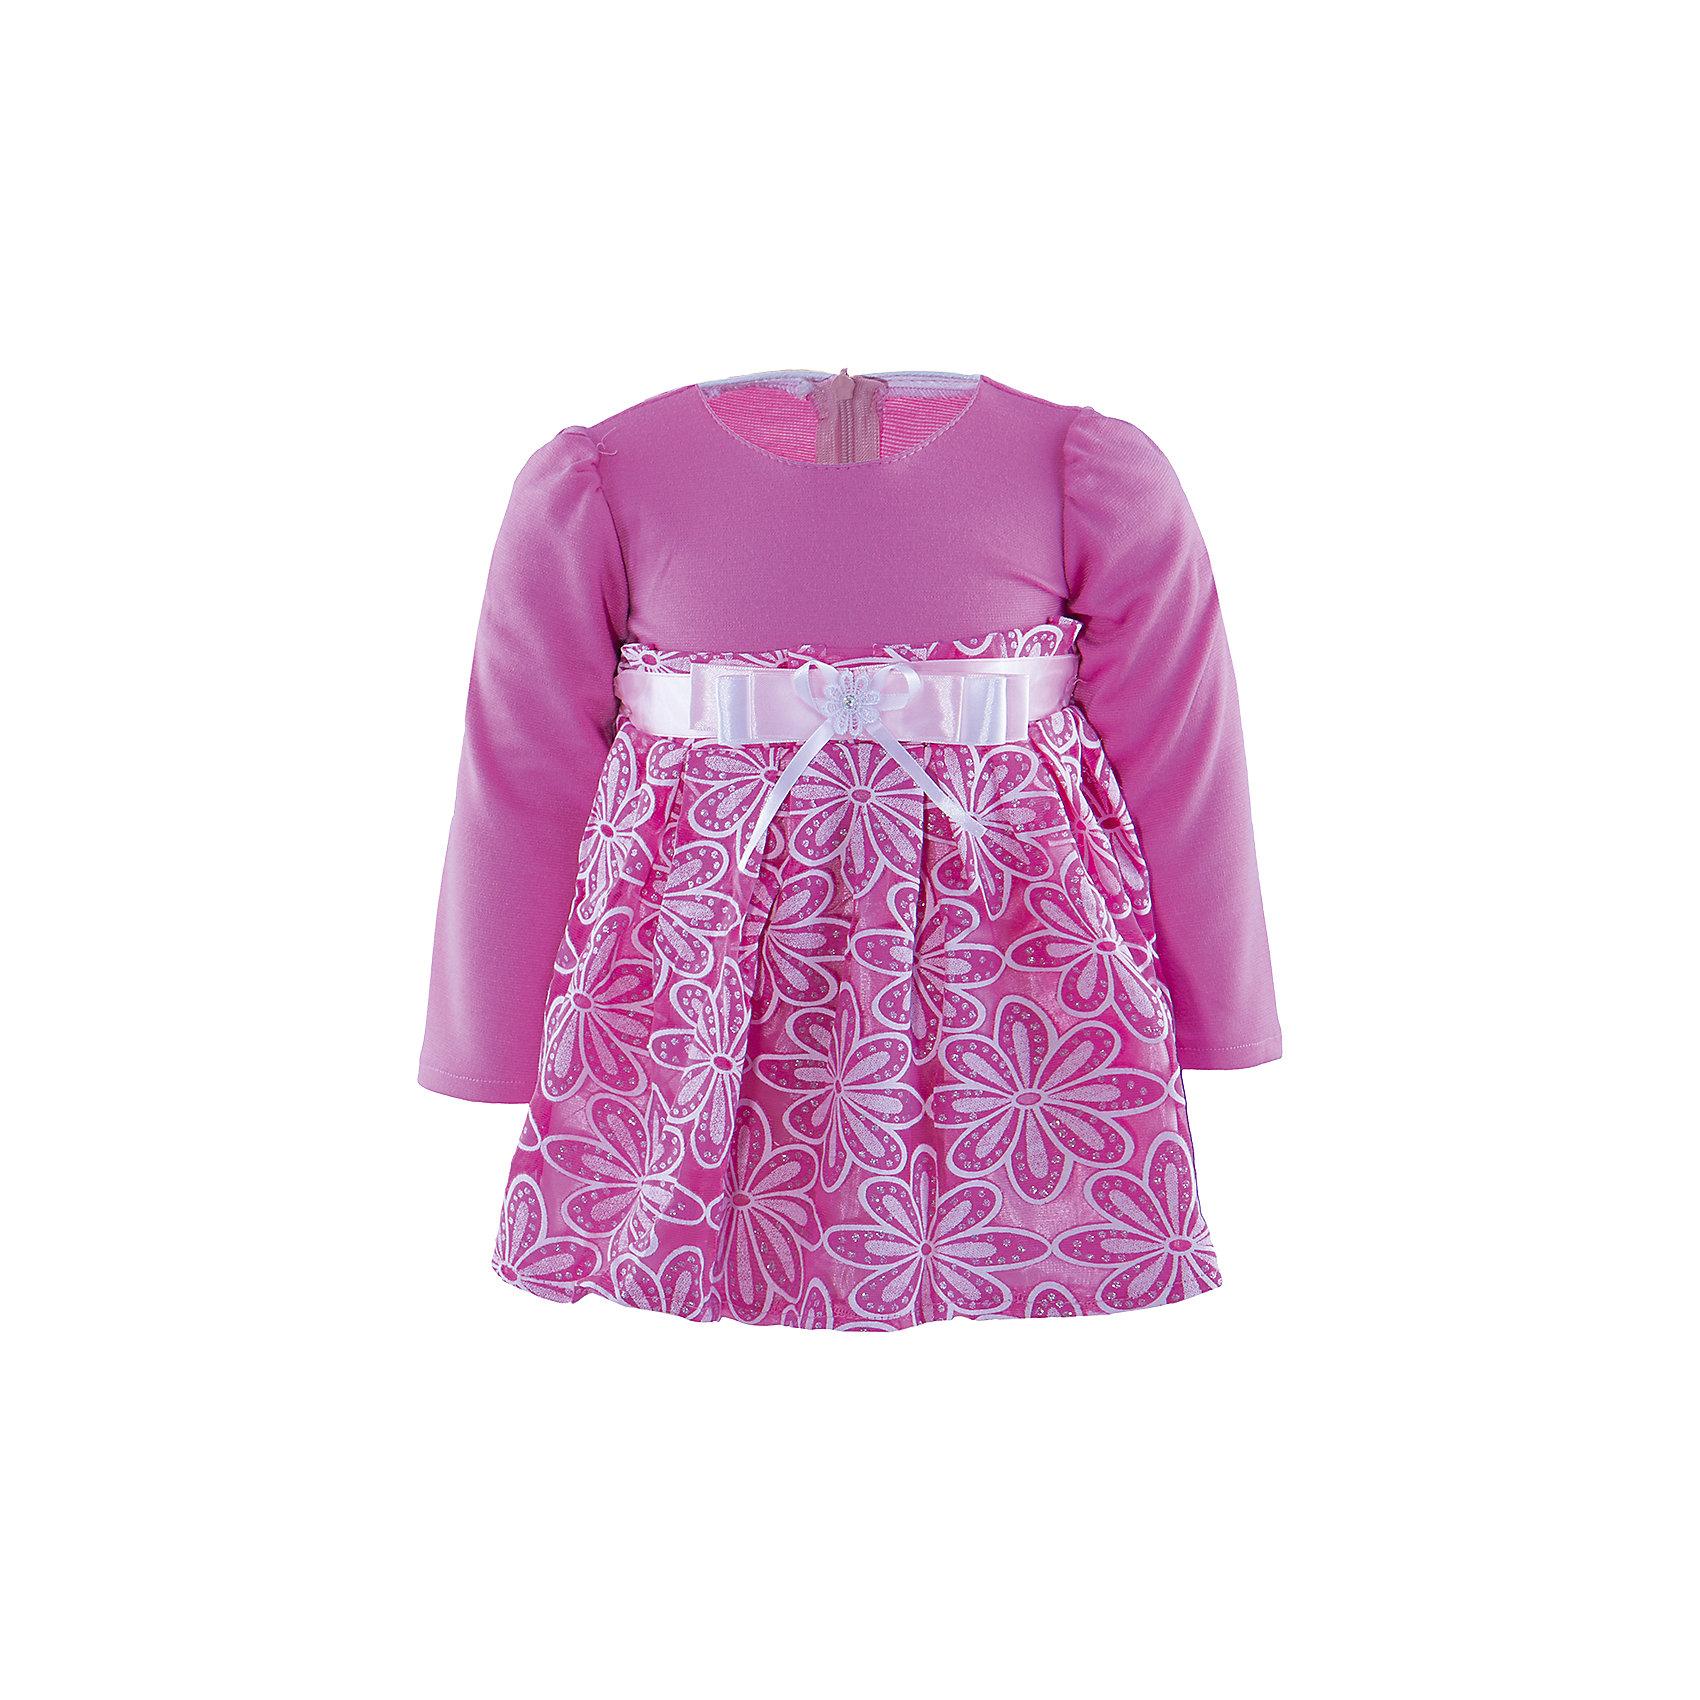 Нарядное платье ВенераНарядное платье для девочки от бренда Венера<br><br>Эффектное платье отлично подойдет для праздника или похода в гости. В любой ситуации ребенок   в нем будет выглядеть достойно и оригинально.<br><br>Особенности модели:<br><br>- состав: 100% хлопок<br>- материал - разной фактуры;<br>- цвет - розовый;<br>- подол - многослойный, пышный;<br>- длинные рукава-фонарики;<br>- низ -  сетка с печатным цветочным принтом, с блестками;<br>- сзади застежка-молния;<br>- пояс - атласная лента завязывается сзади на бант;<br>- пояс украшен бантом со стразой и кружевами.<br><br>Дополнительная информация:<br><br>Габариты:<br><br>длина по спинке - 39 см.<br><br>* соответствует размеру 92/98<br><br>Нарядное платье для девочки от бренда Венера можно купить в нашем магазине.<br><br>Ширина мм: 236<br>Глубина мм: 16<br>Высота мм: 184<br>Вес г: 177<br>Цвет: розовый<br>Возраст от месяцев: 48<br>Возраст до месяцев: 60<br>Пол: Женский<br>Возраст: Детский<br>Размер: 104/110,98/104,92/98,110/116<br>SKU: 4322119